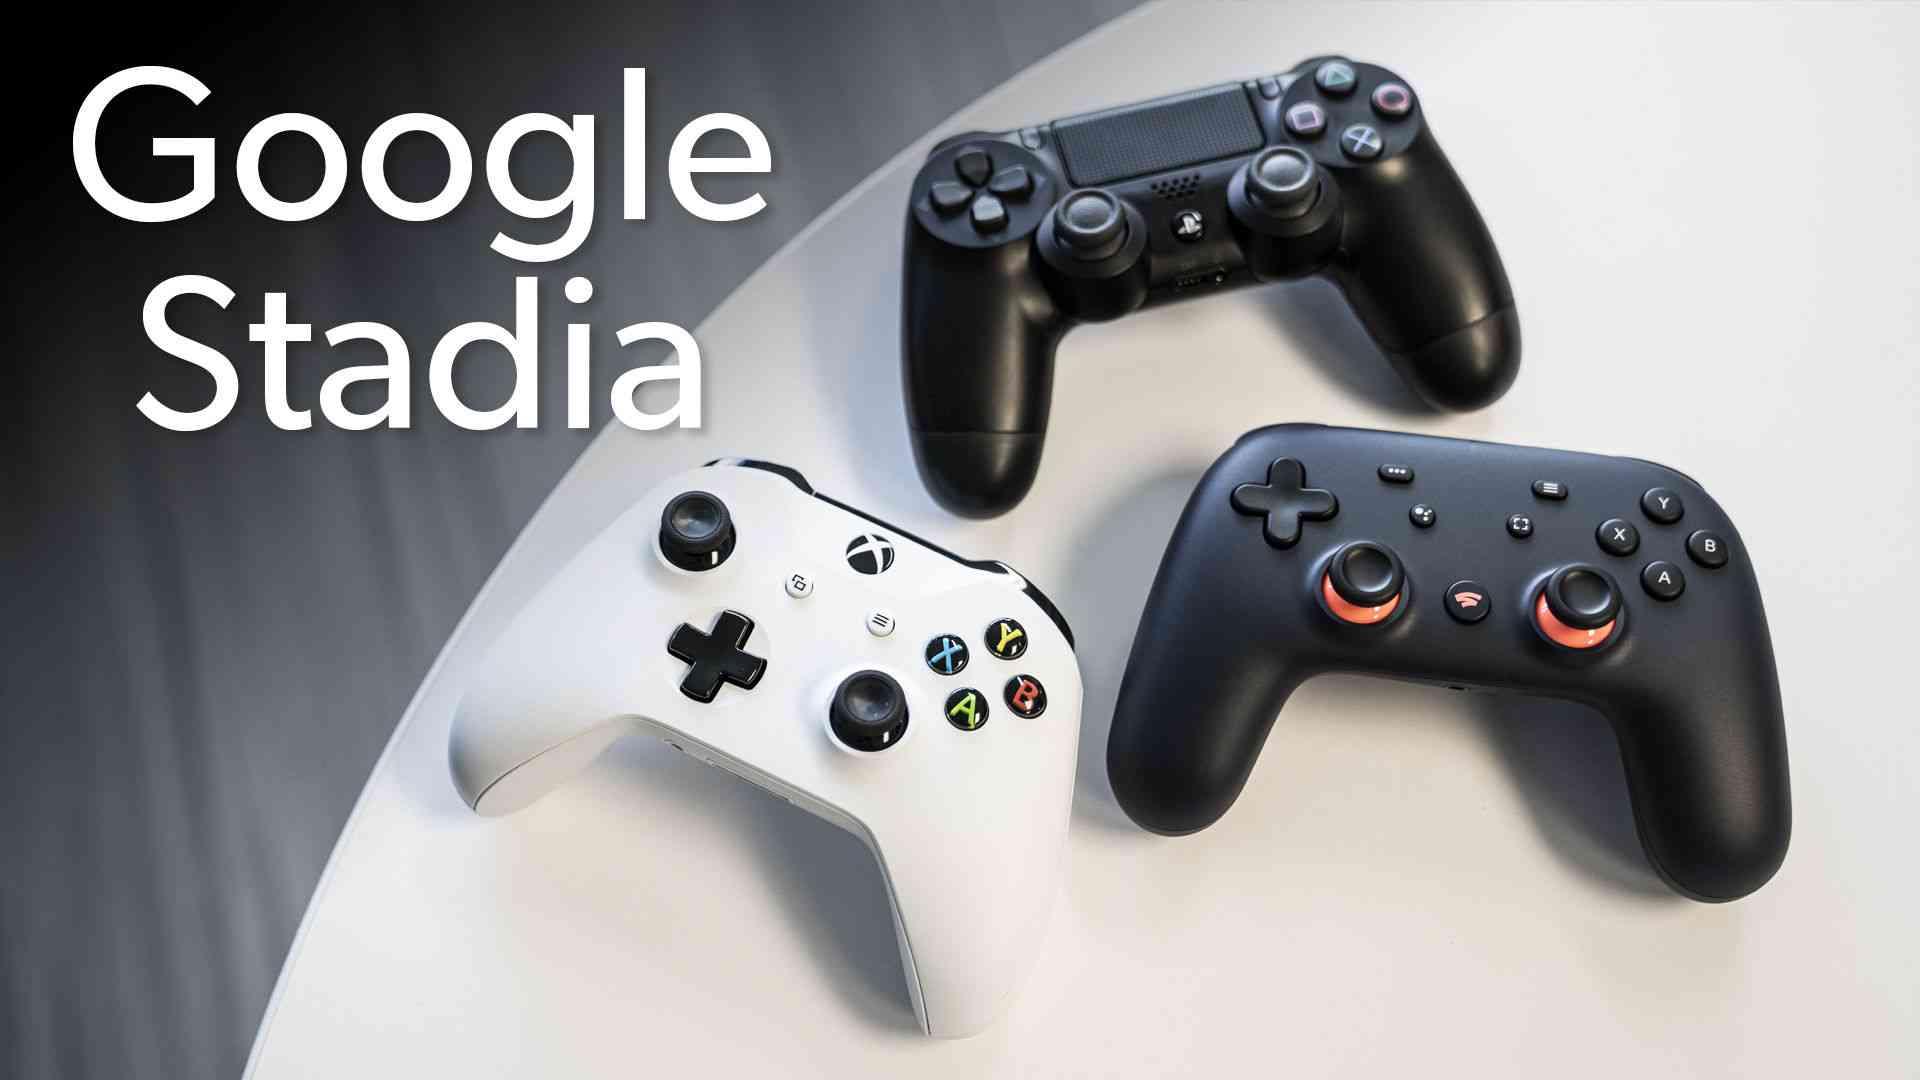 Google рассказала всё самое главное о новом игровом сервисе stadia